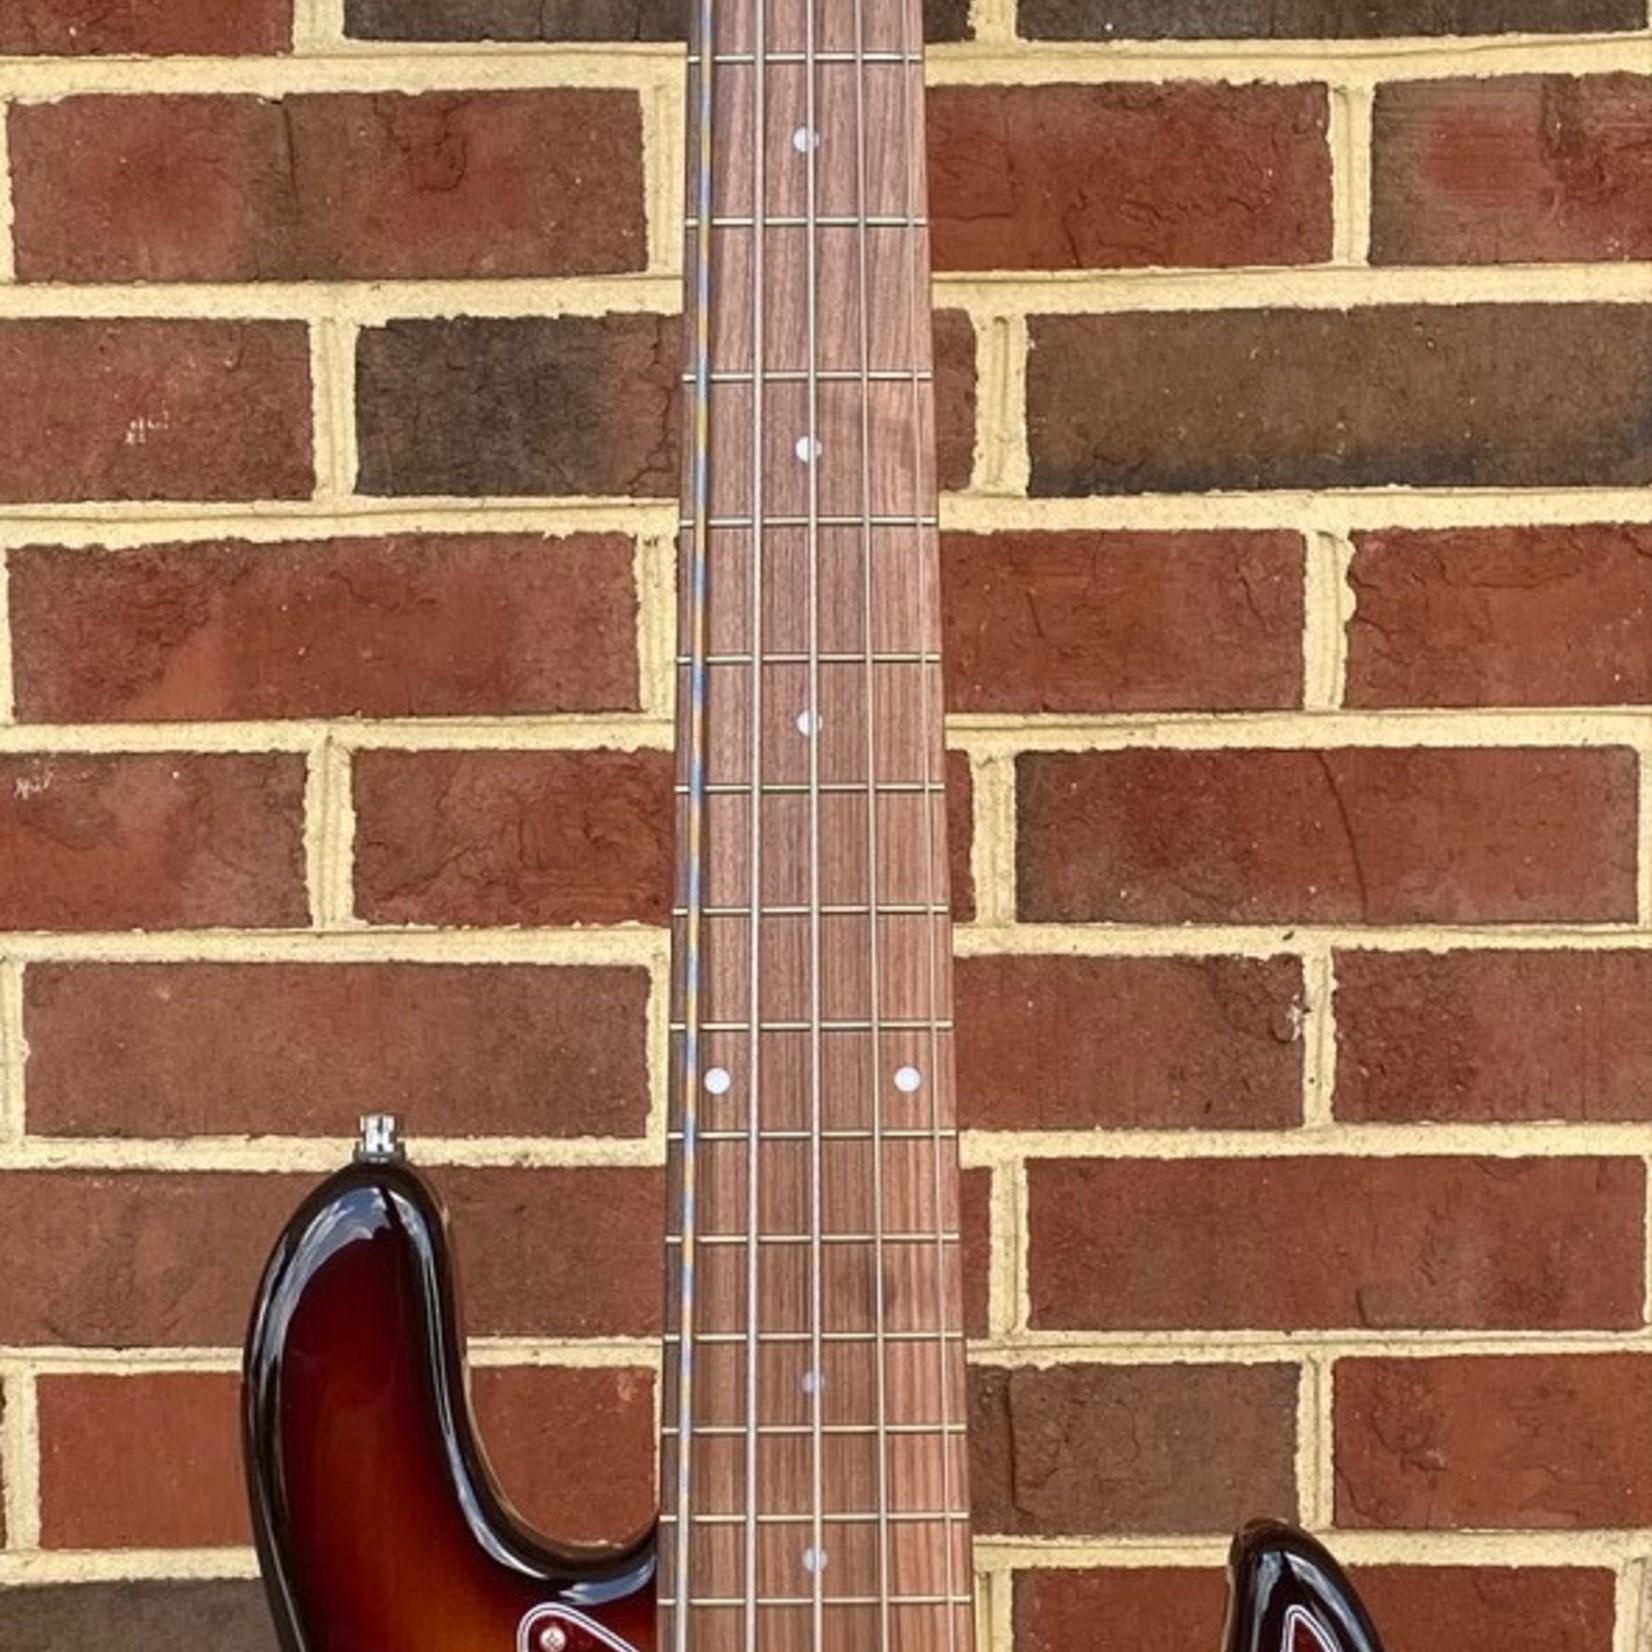 Sadowsky Sadowsky MetroLine Vintage J 5-String, 21 Fret, '59 Sunburst High Polish, Red Alder Body, Morado Fretboard